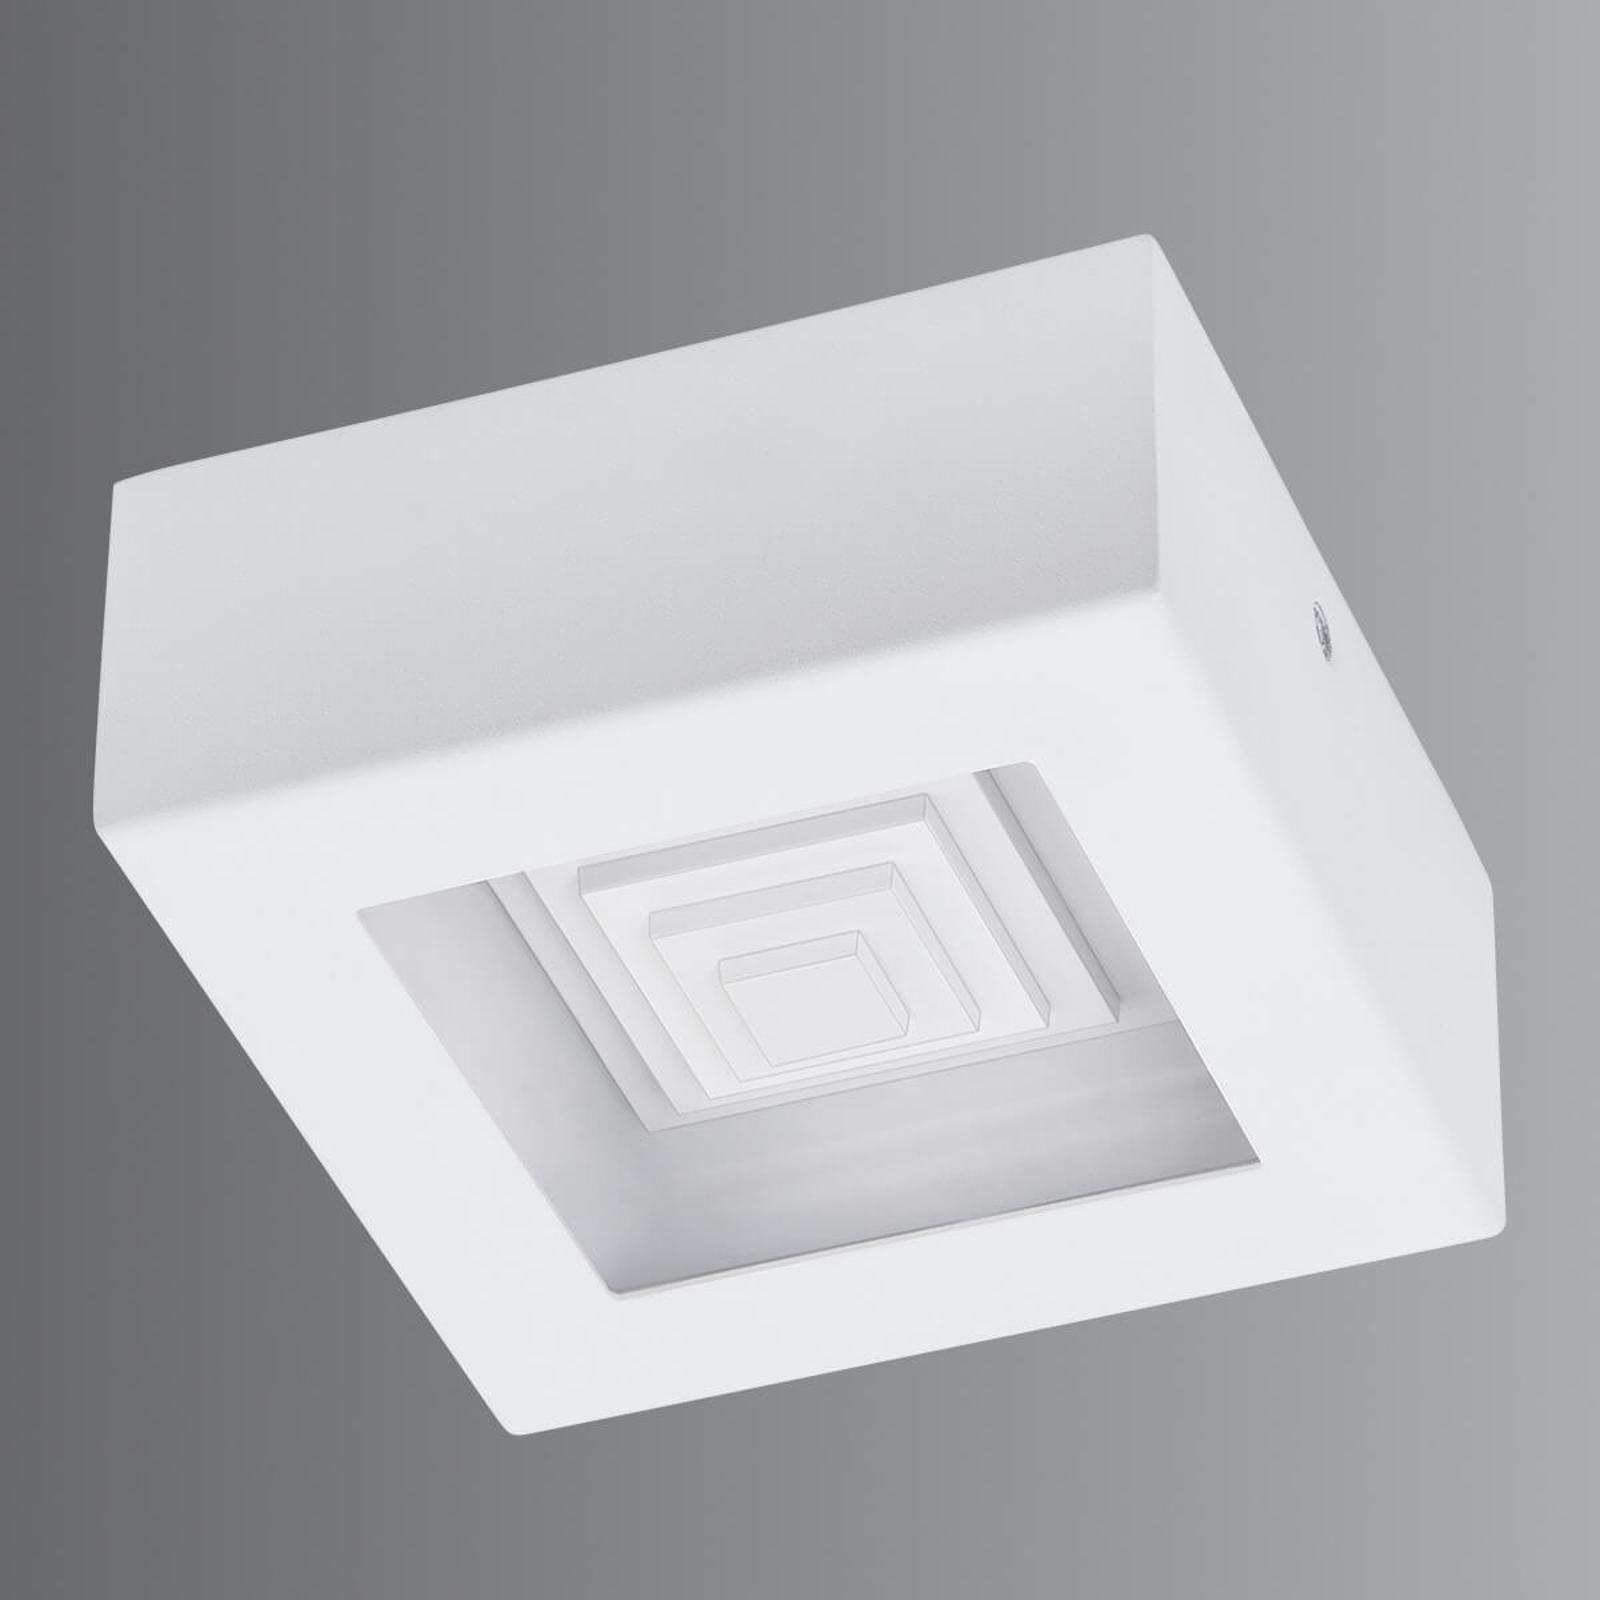 Piccola plafoniera LED Ferreros in bianco